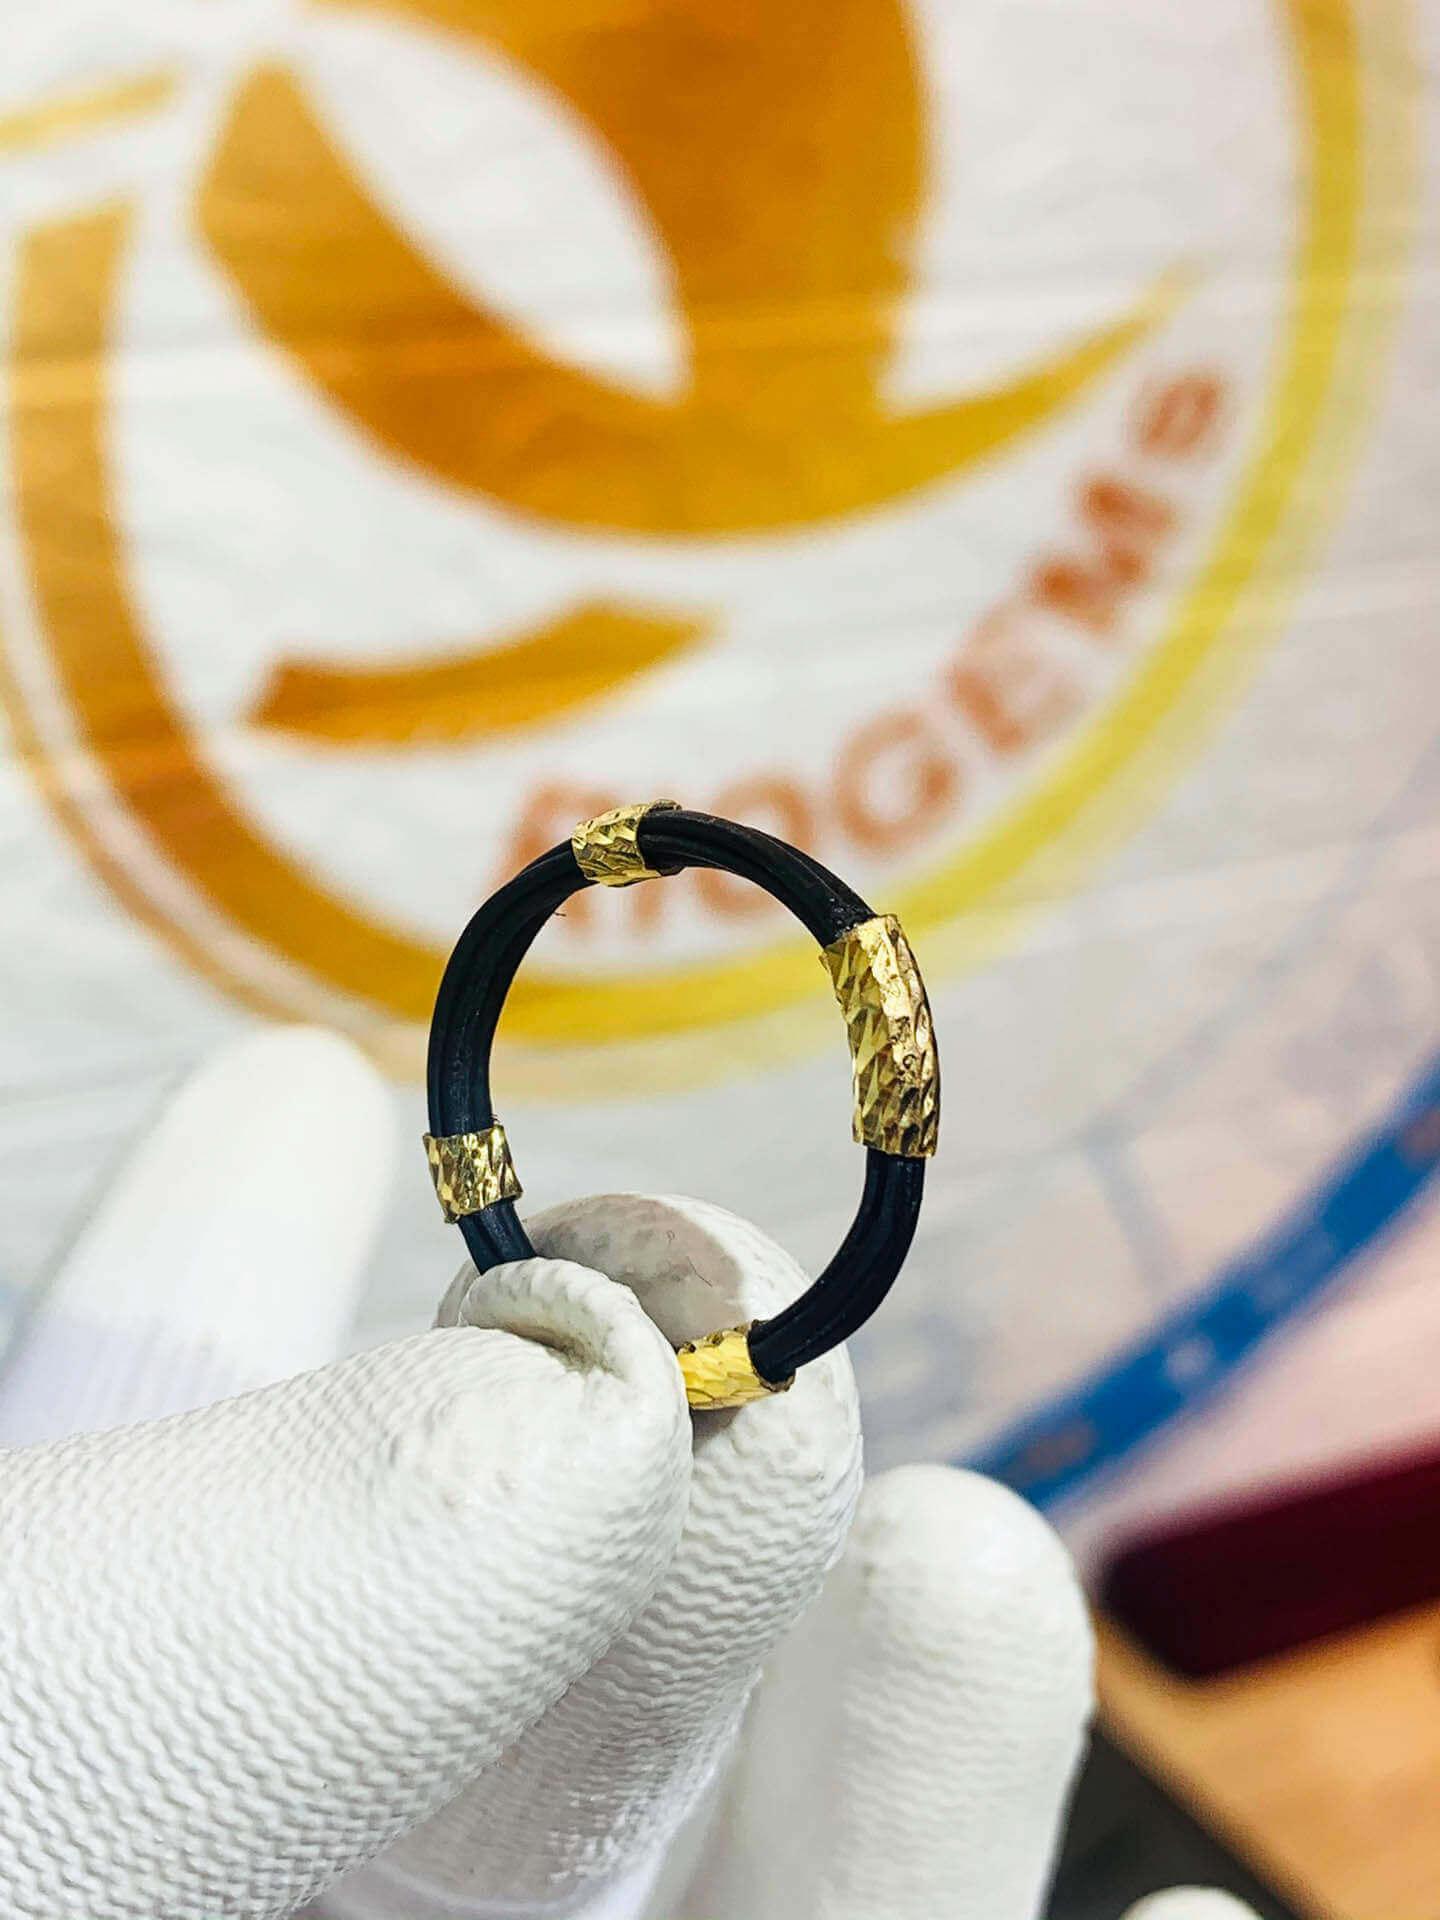 nhẫn 5 lông voi bó vàng 18K GIÁ RẺ hợp mệnh